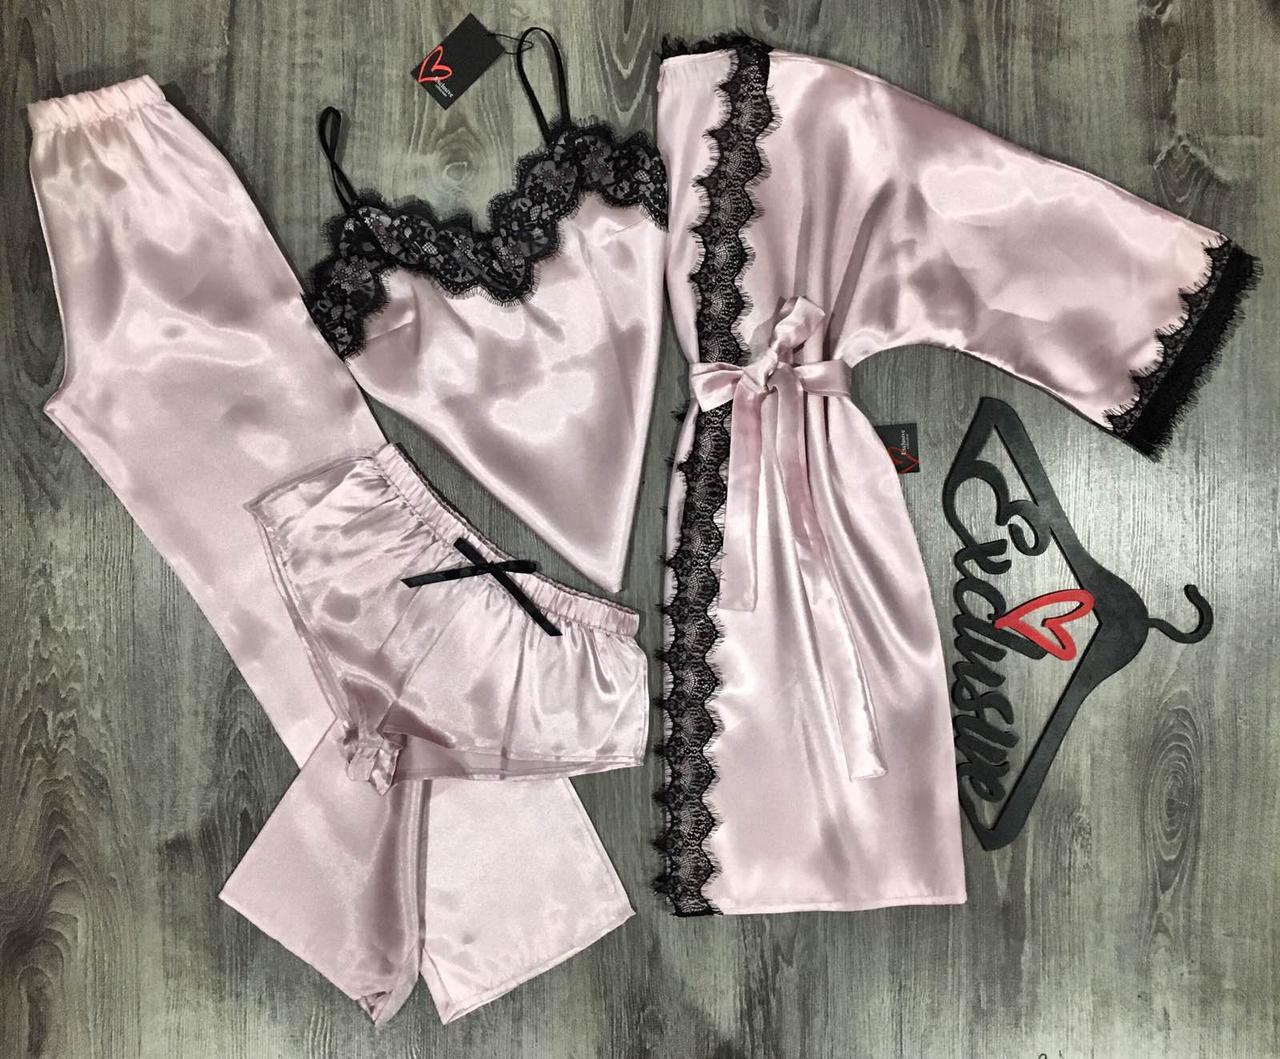 Жіночий атласний комплект для сну і відпочинку халат+піжама трійка.